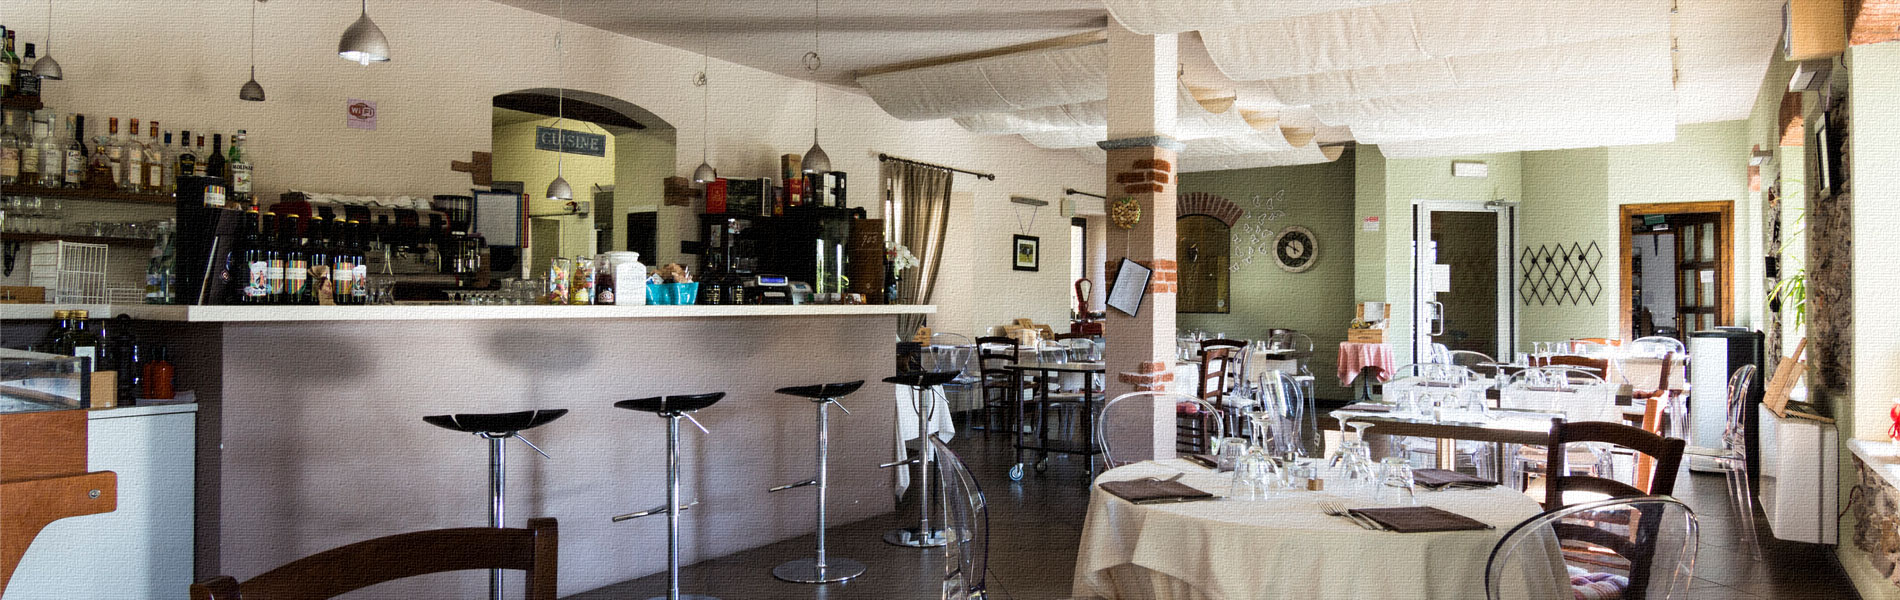 Bar | Ristorante Borgo San GIovanni